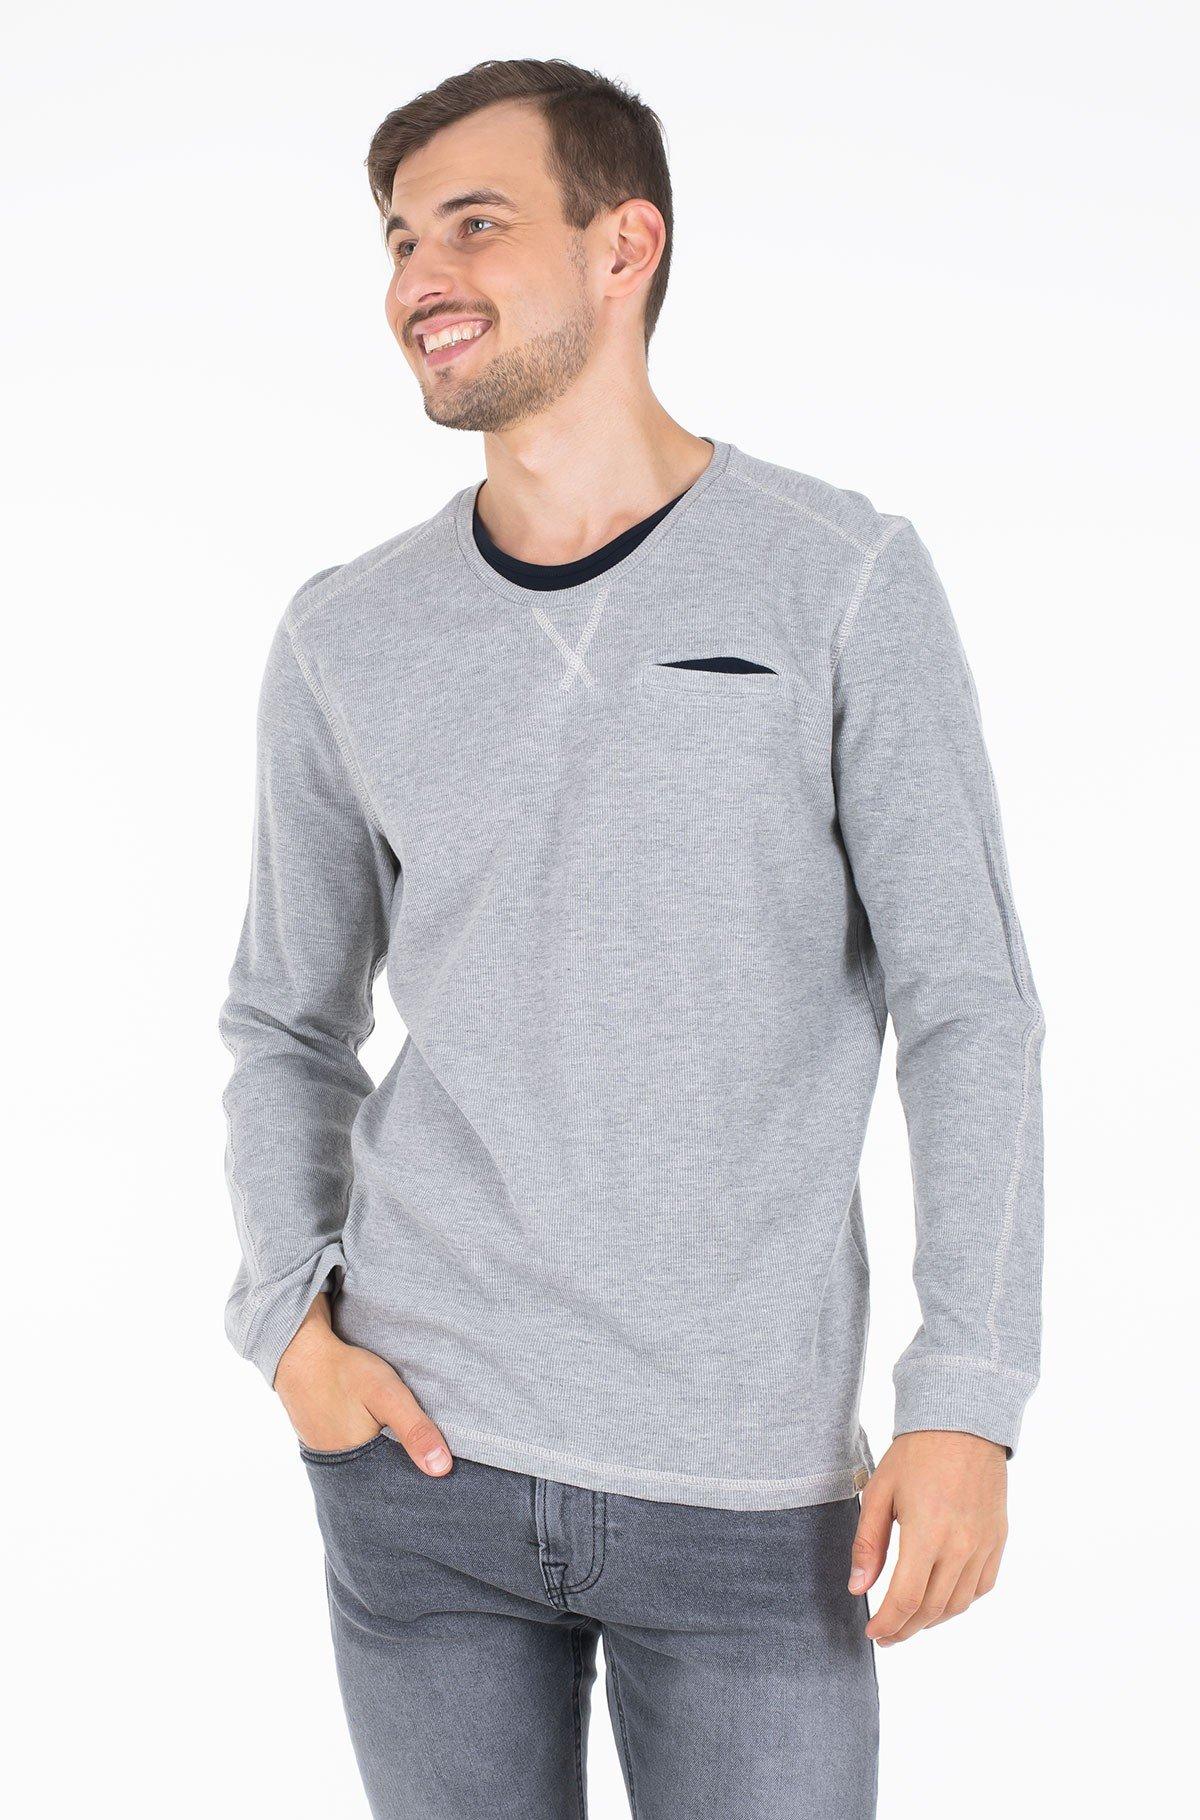 T-krekls ar garām piedurknēm  1014079-full-1